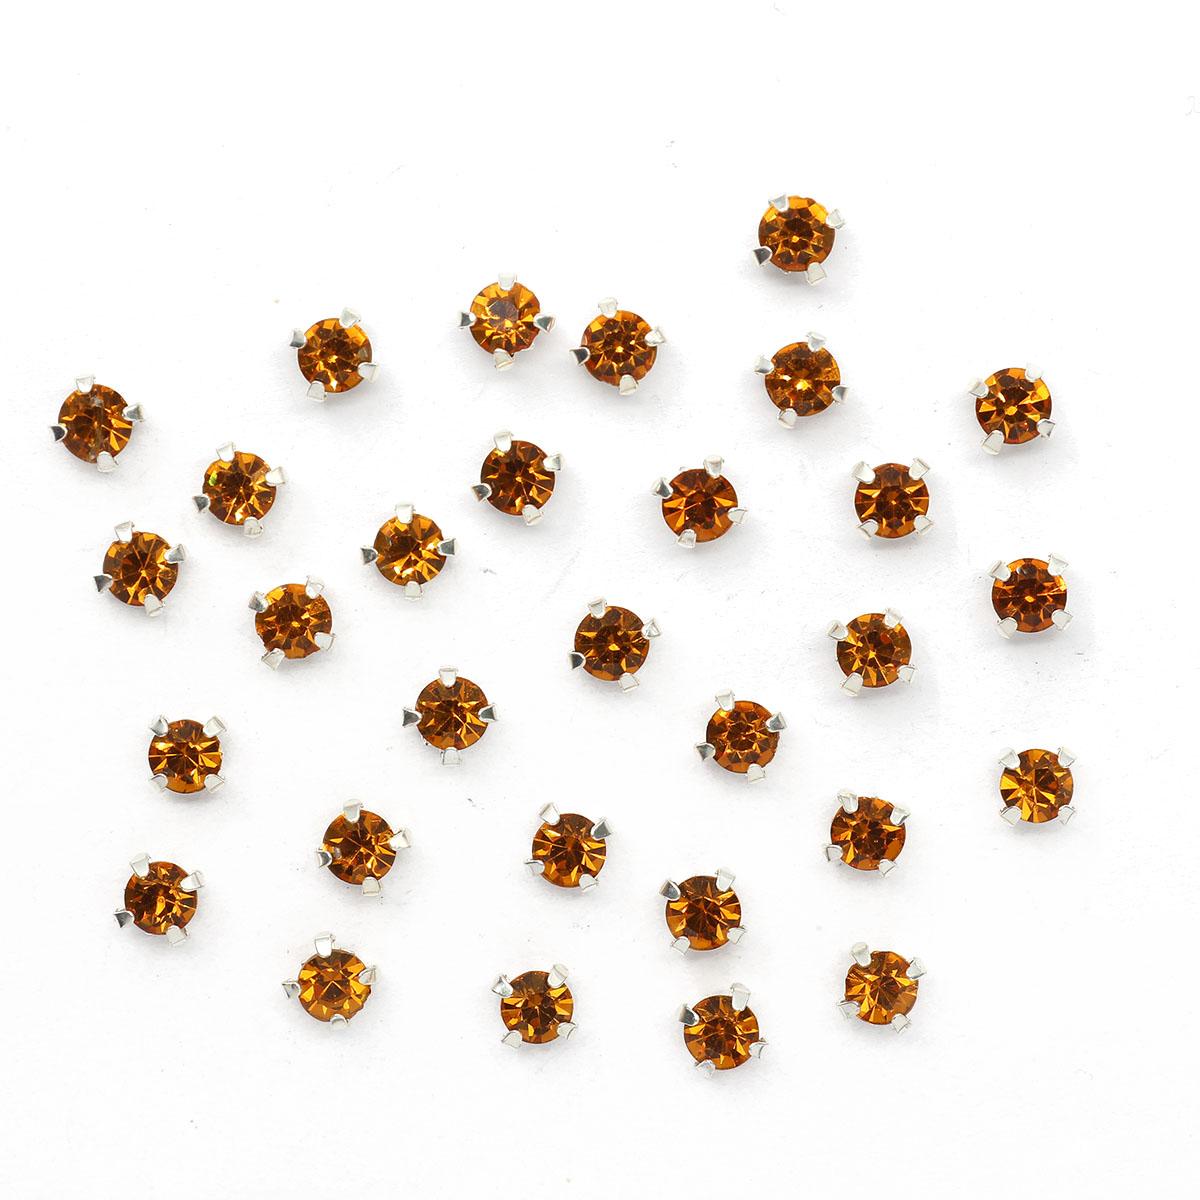 СЦ013НН44 Хрустальные стразы в цапах круглые (серебро) медовый 4*4мм, 29-30шт/упак Астра